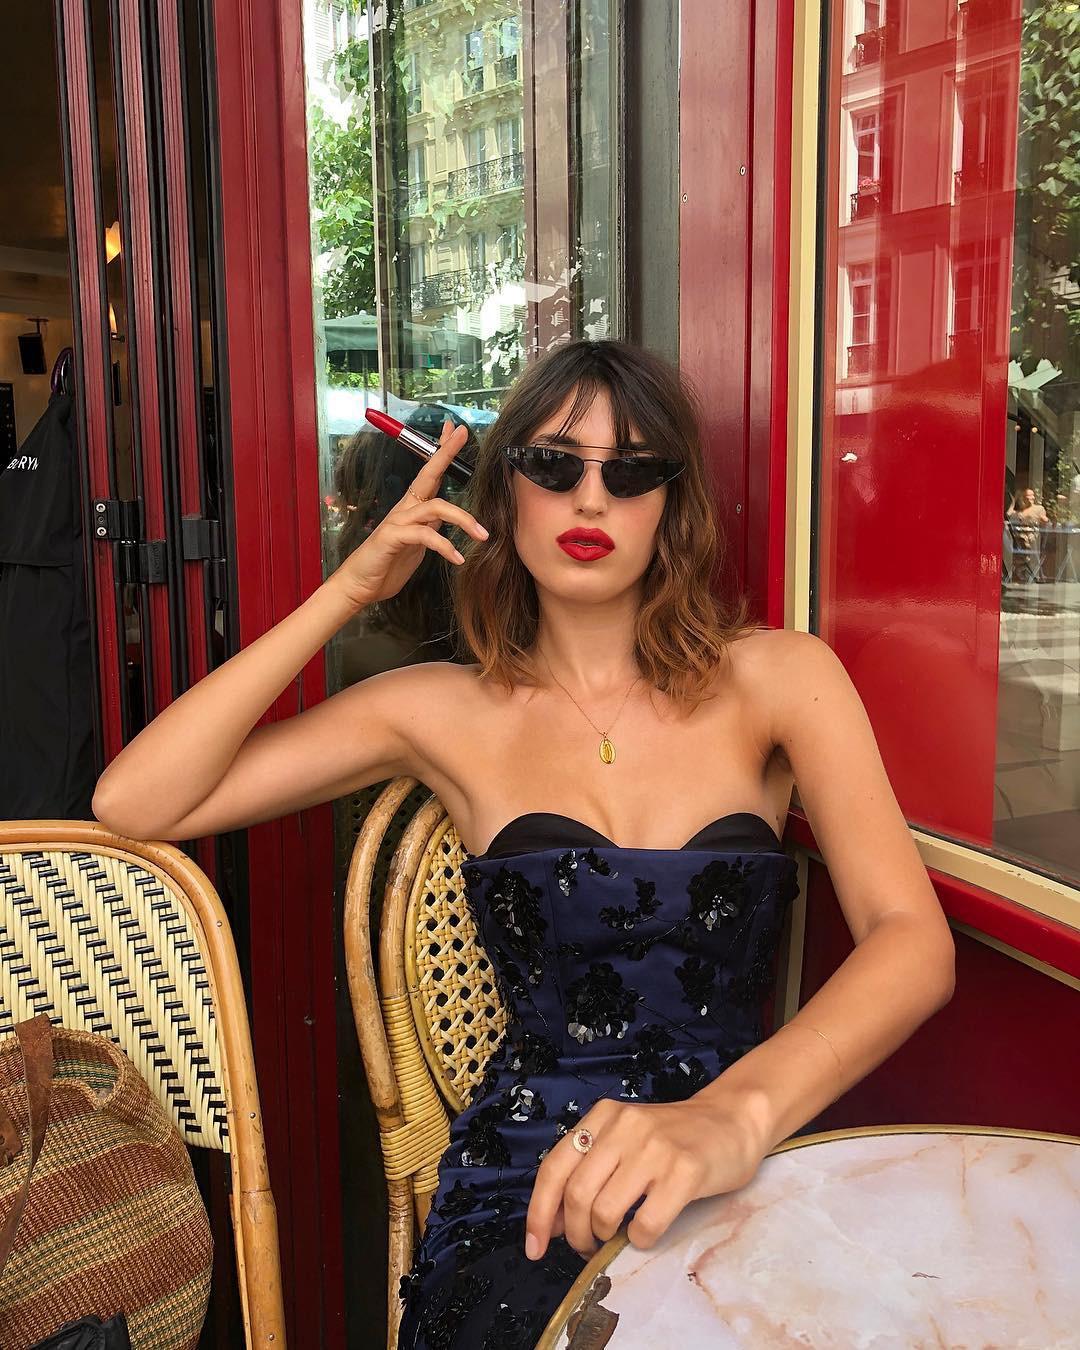 Phụ nữ Pháp được coi là cả một bầu trời nhan sắc và khí chất thanh lịch, phần nhiều cũng nhờ 8 bí kíp sau